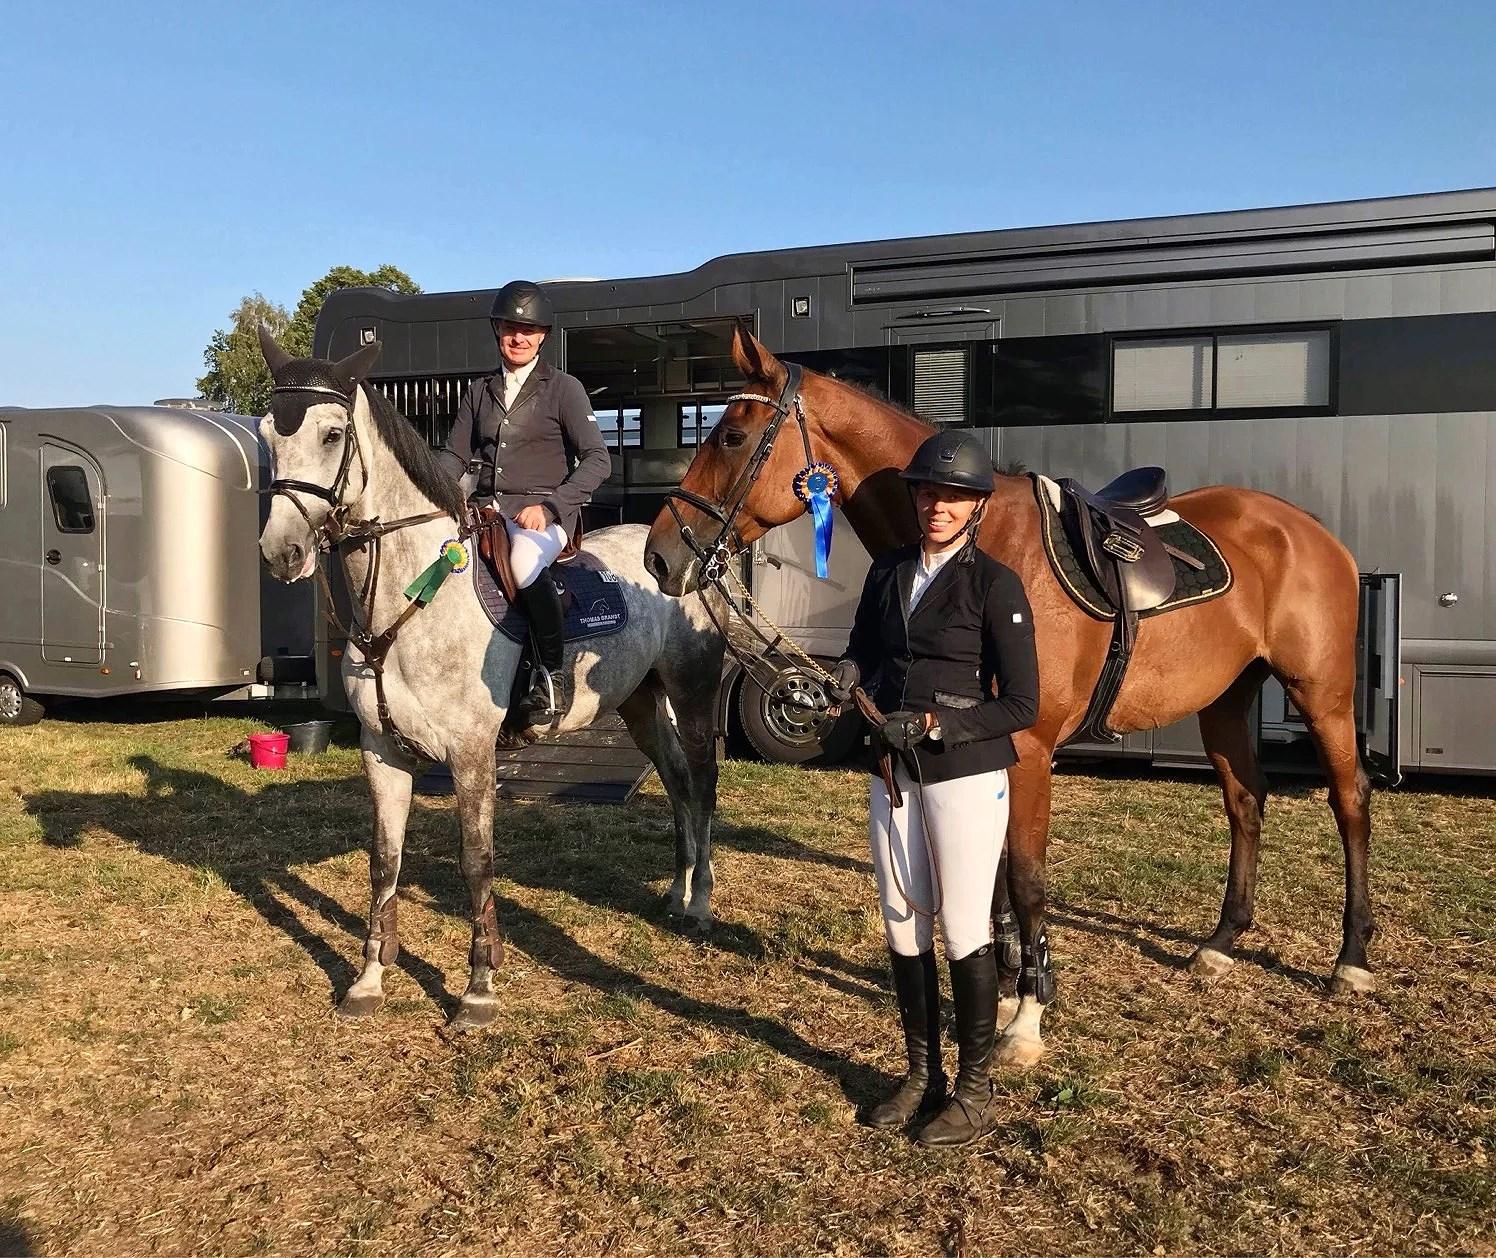 4e plats och tio hästar senare